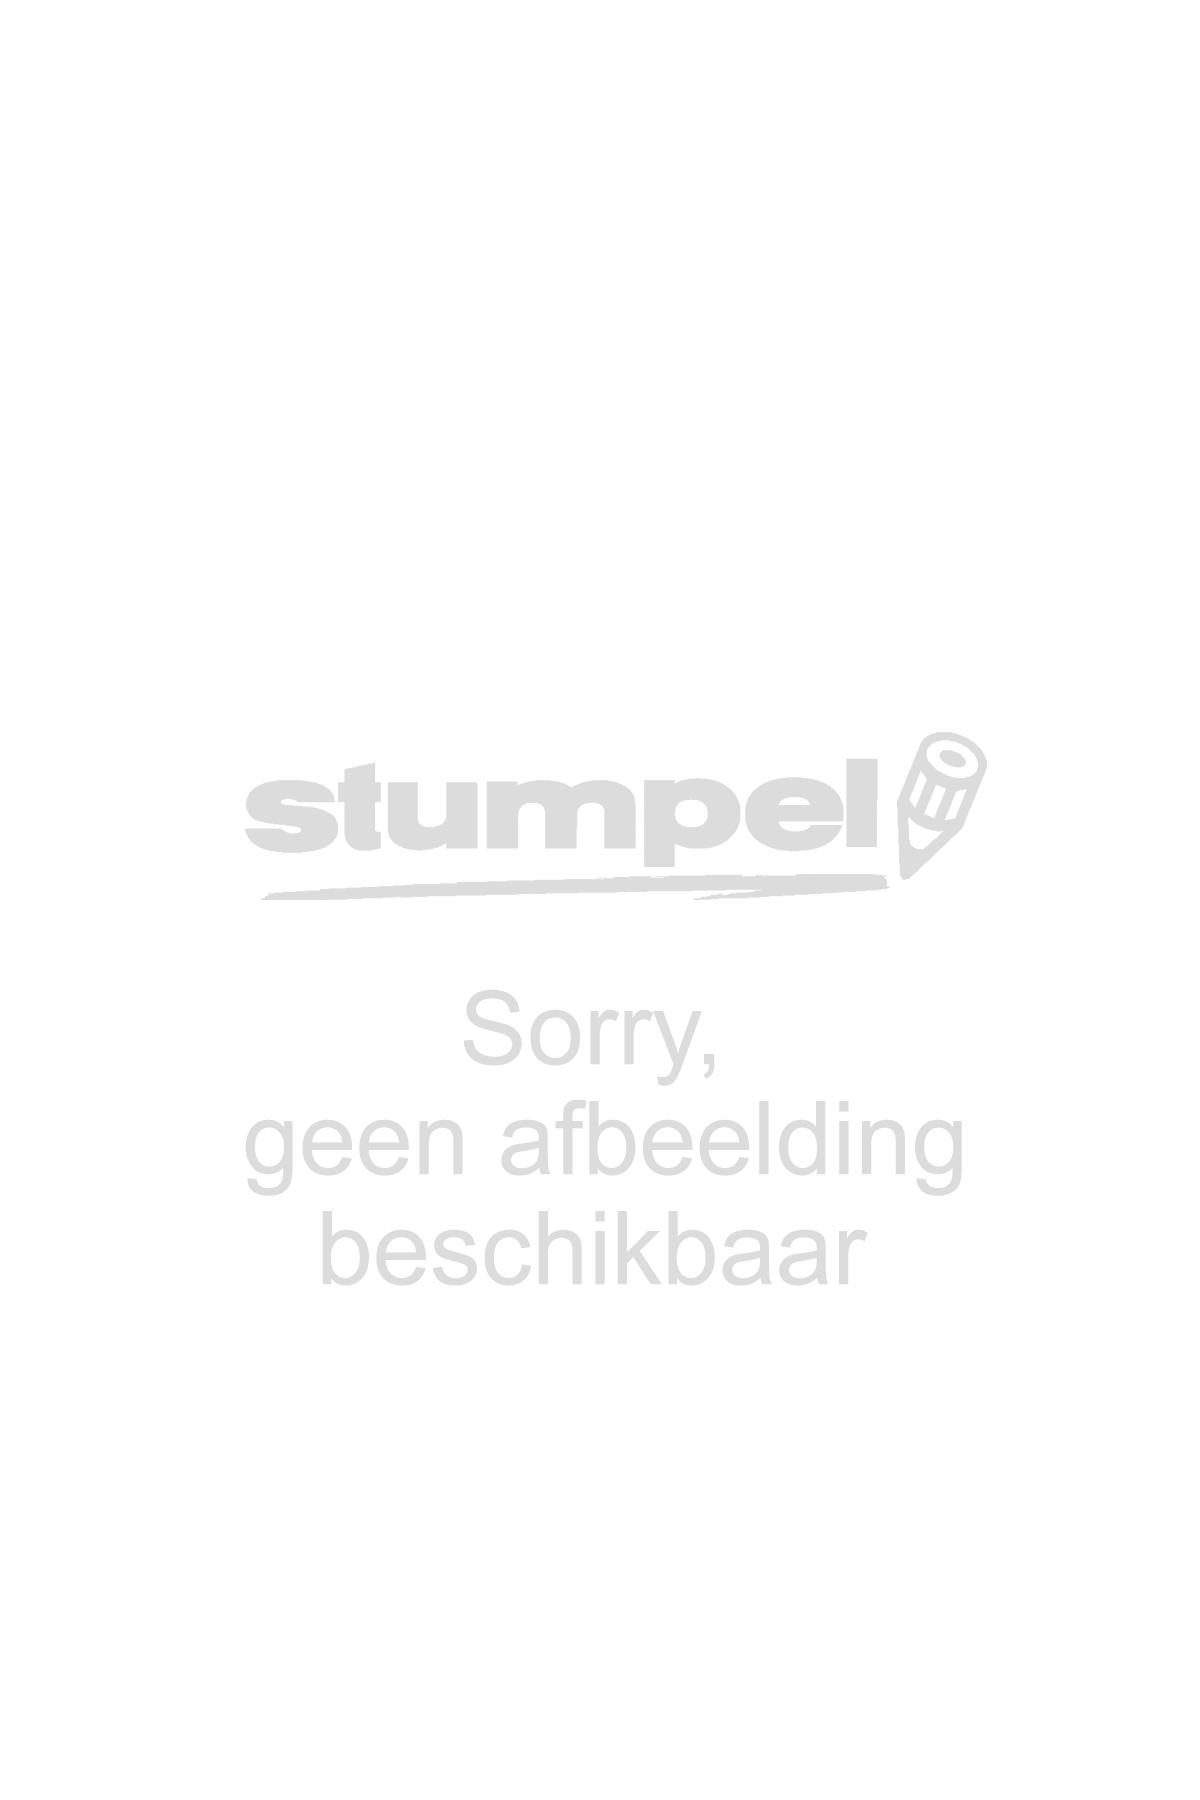 agenda-2021-ryam-weekly-wit-nl-mundior-zwart-11010951